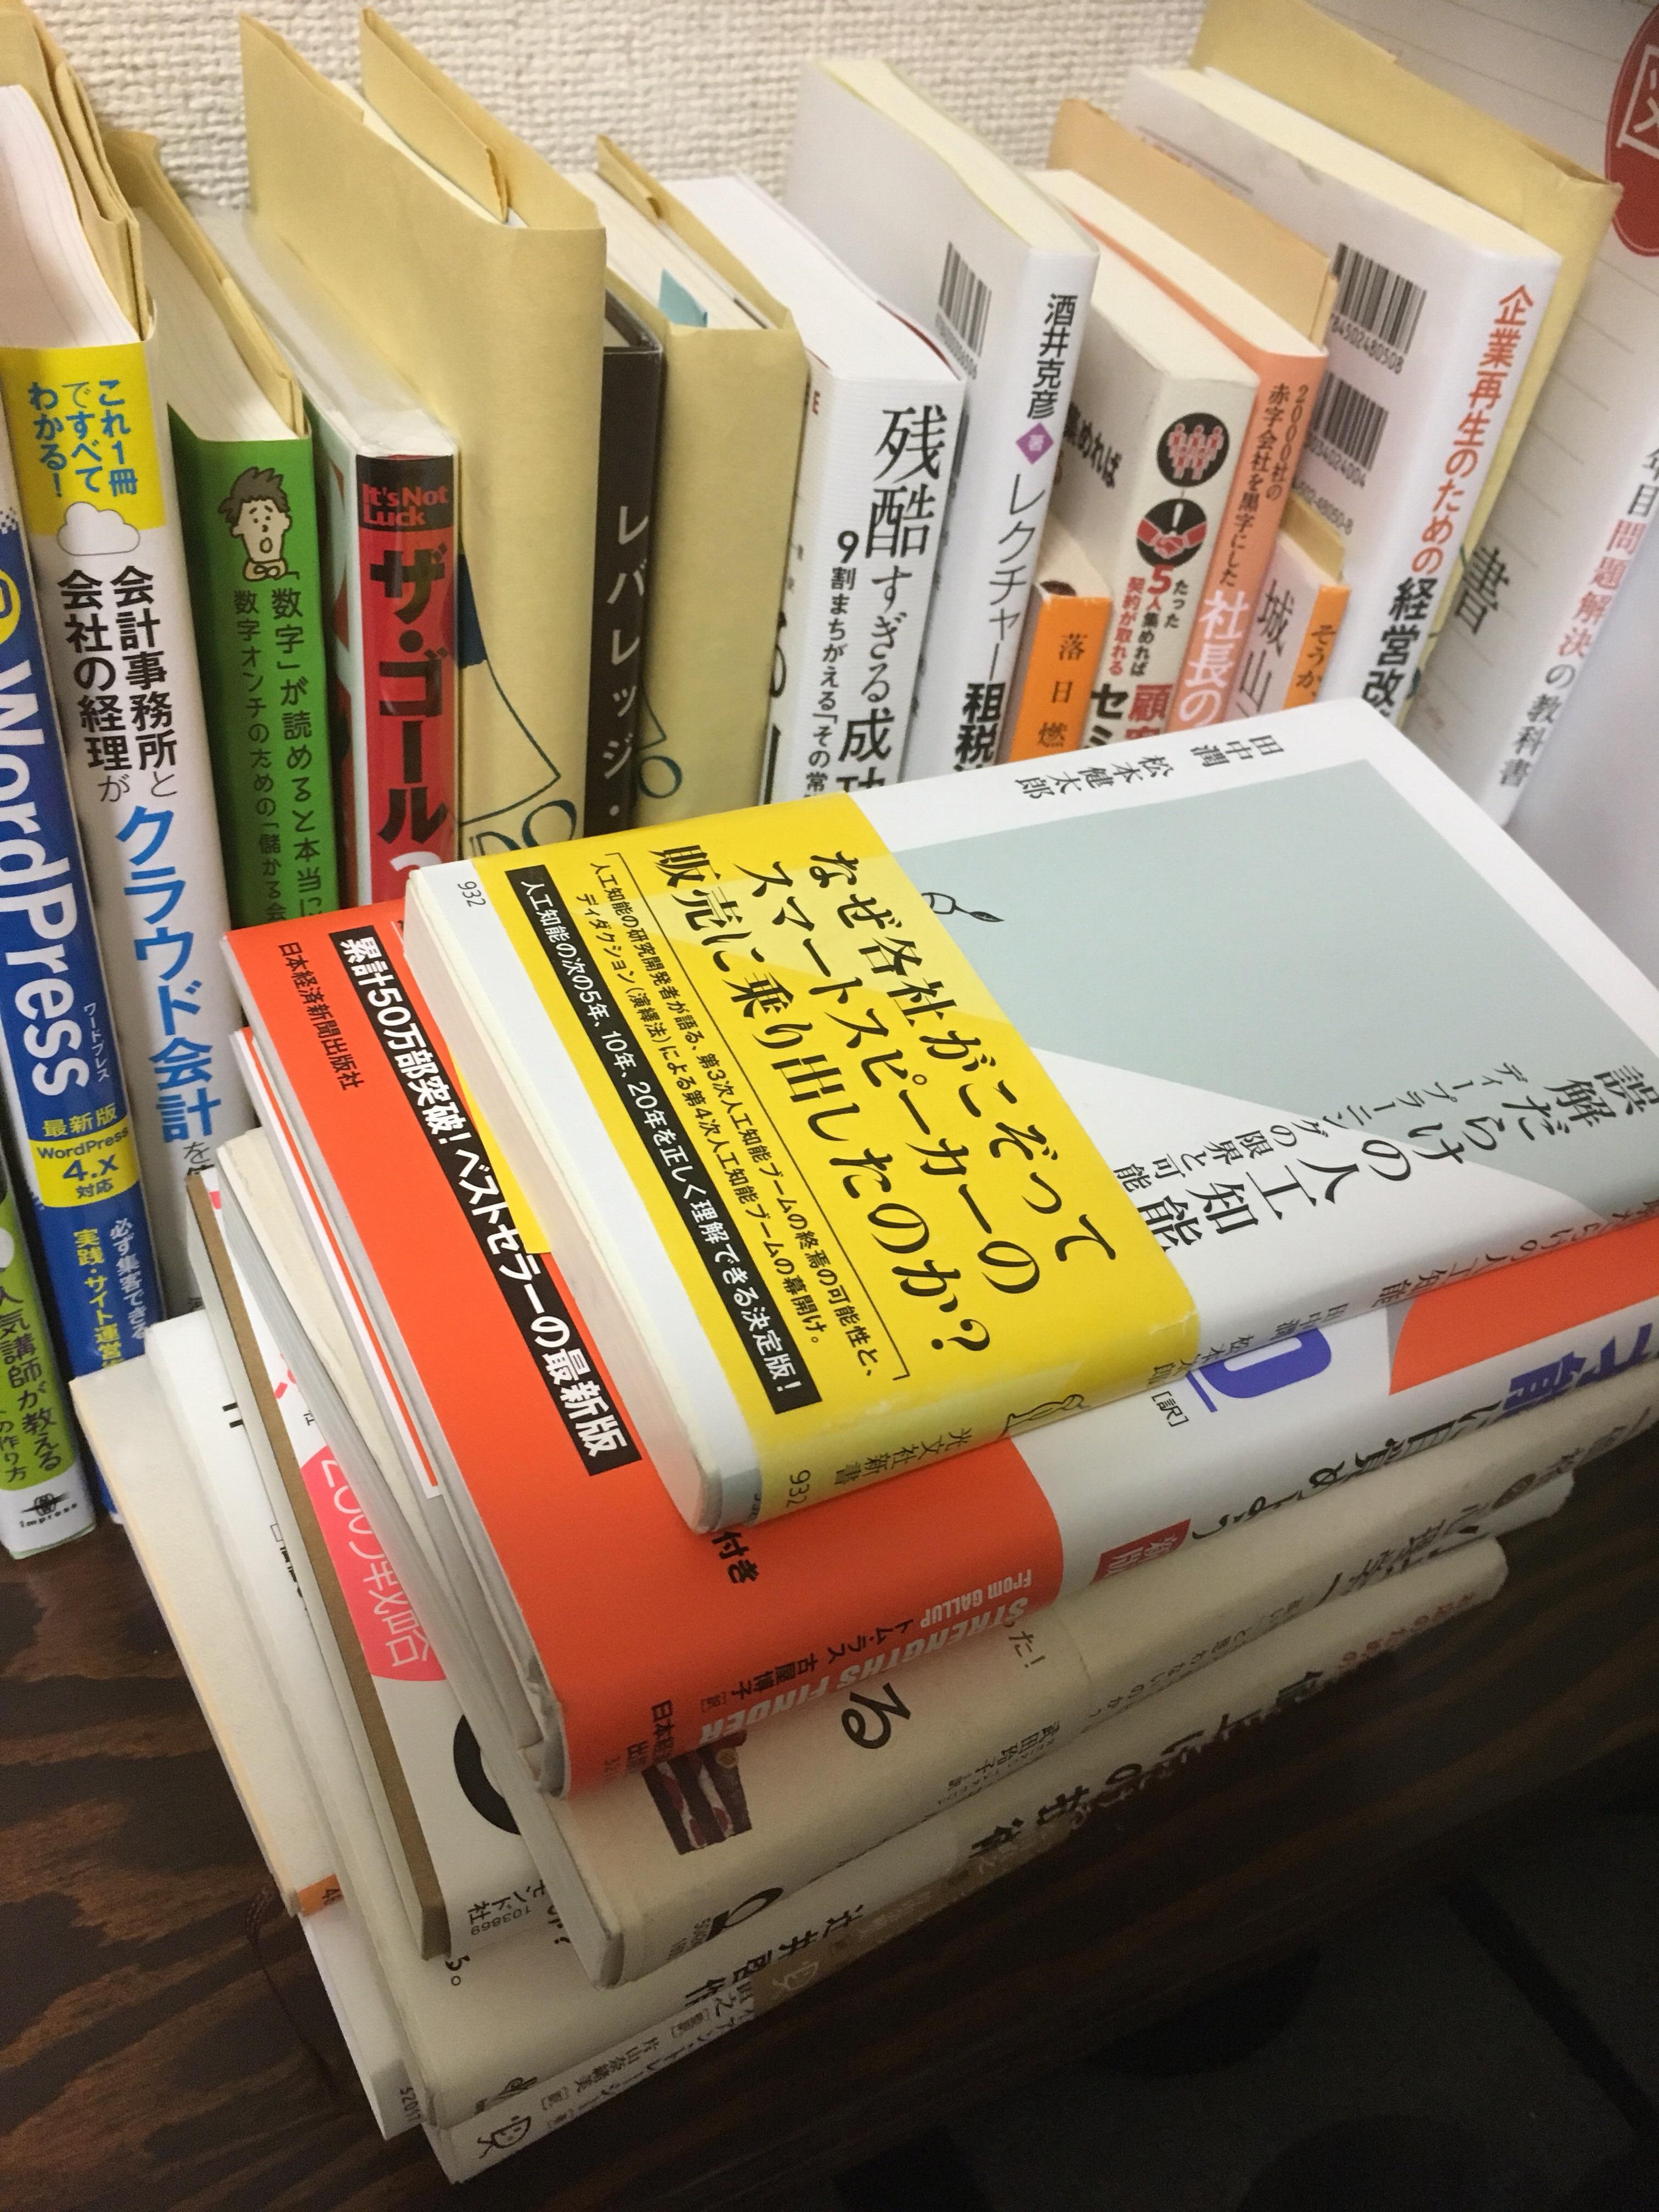 常に本が読めるように、本の在庫を切らさない。